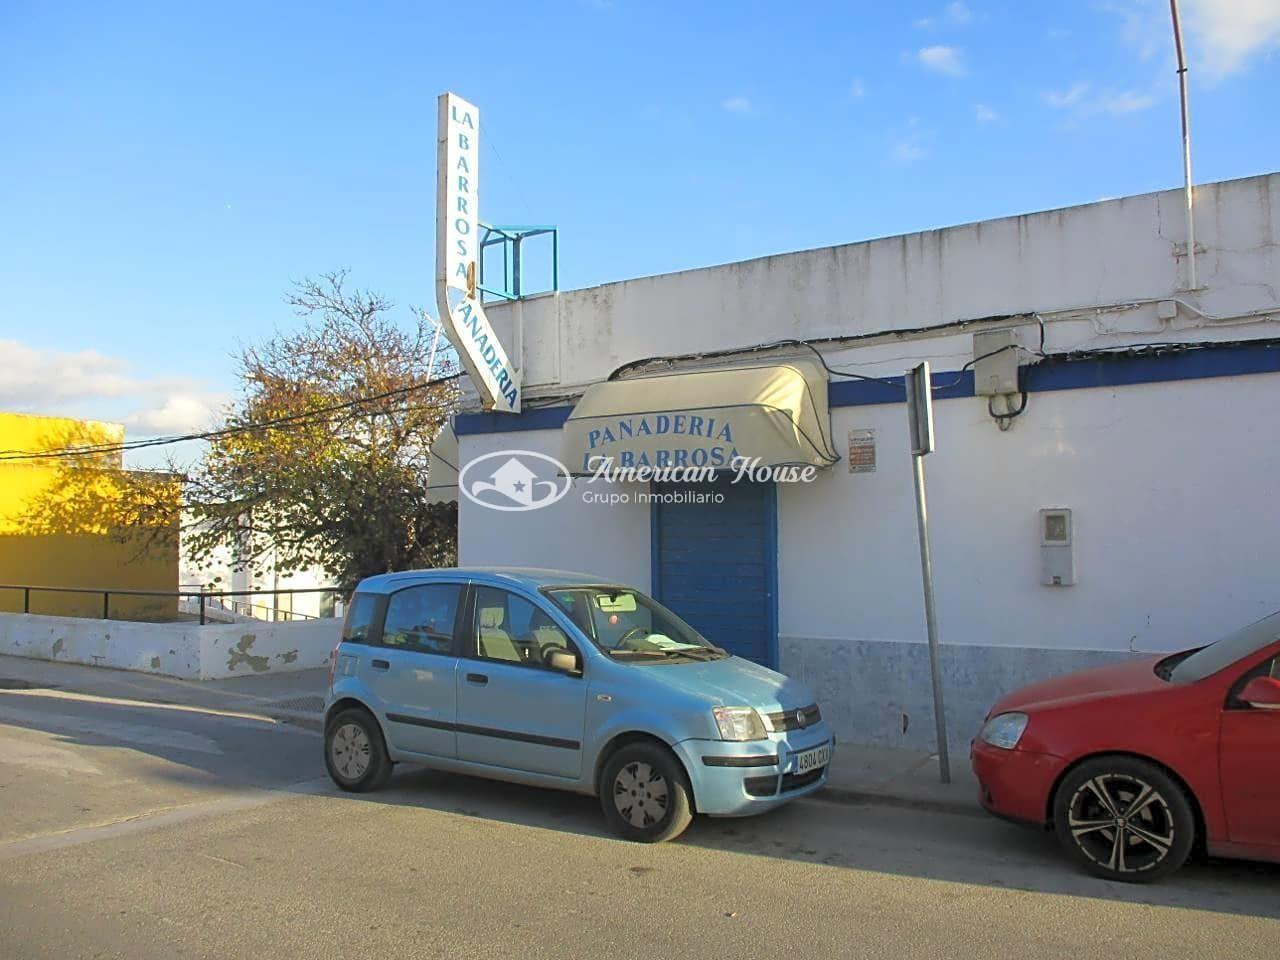 villas venta in chiclana de la frontera 11130